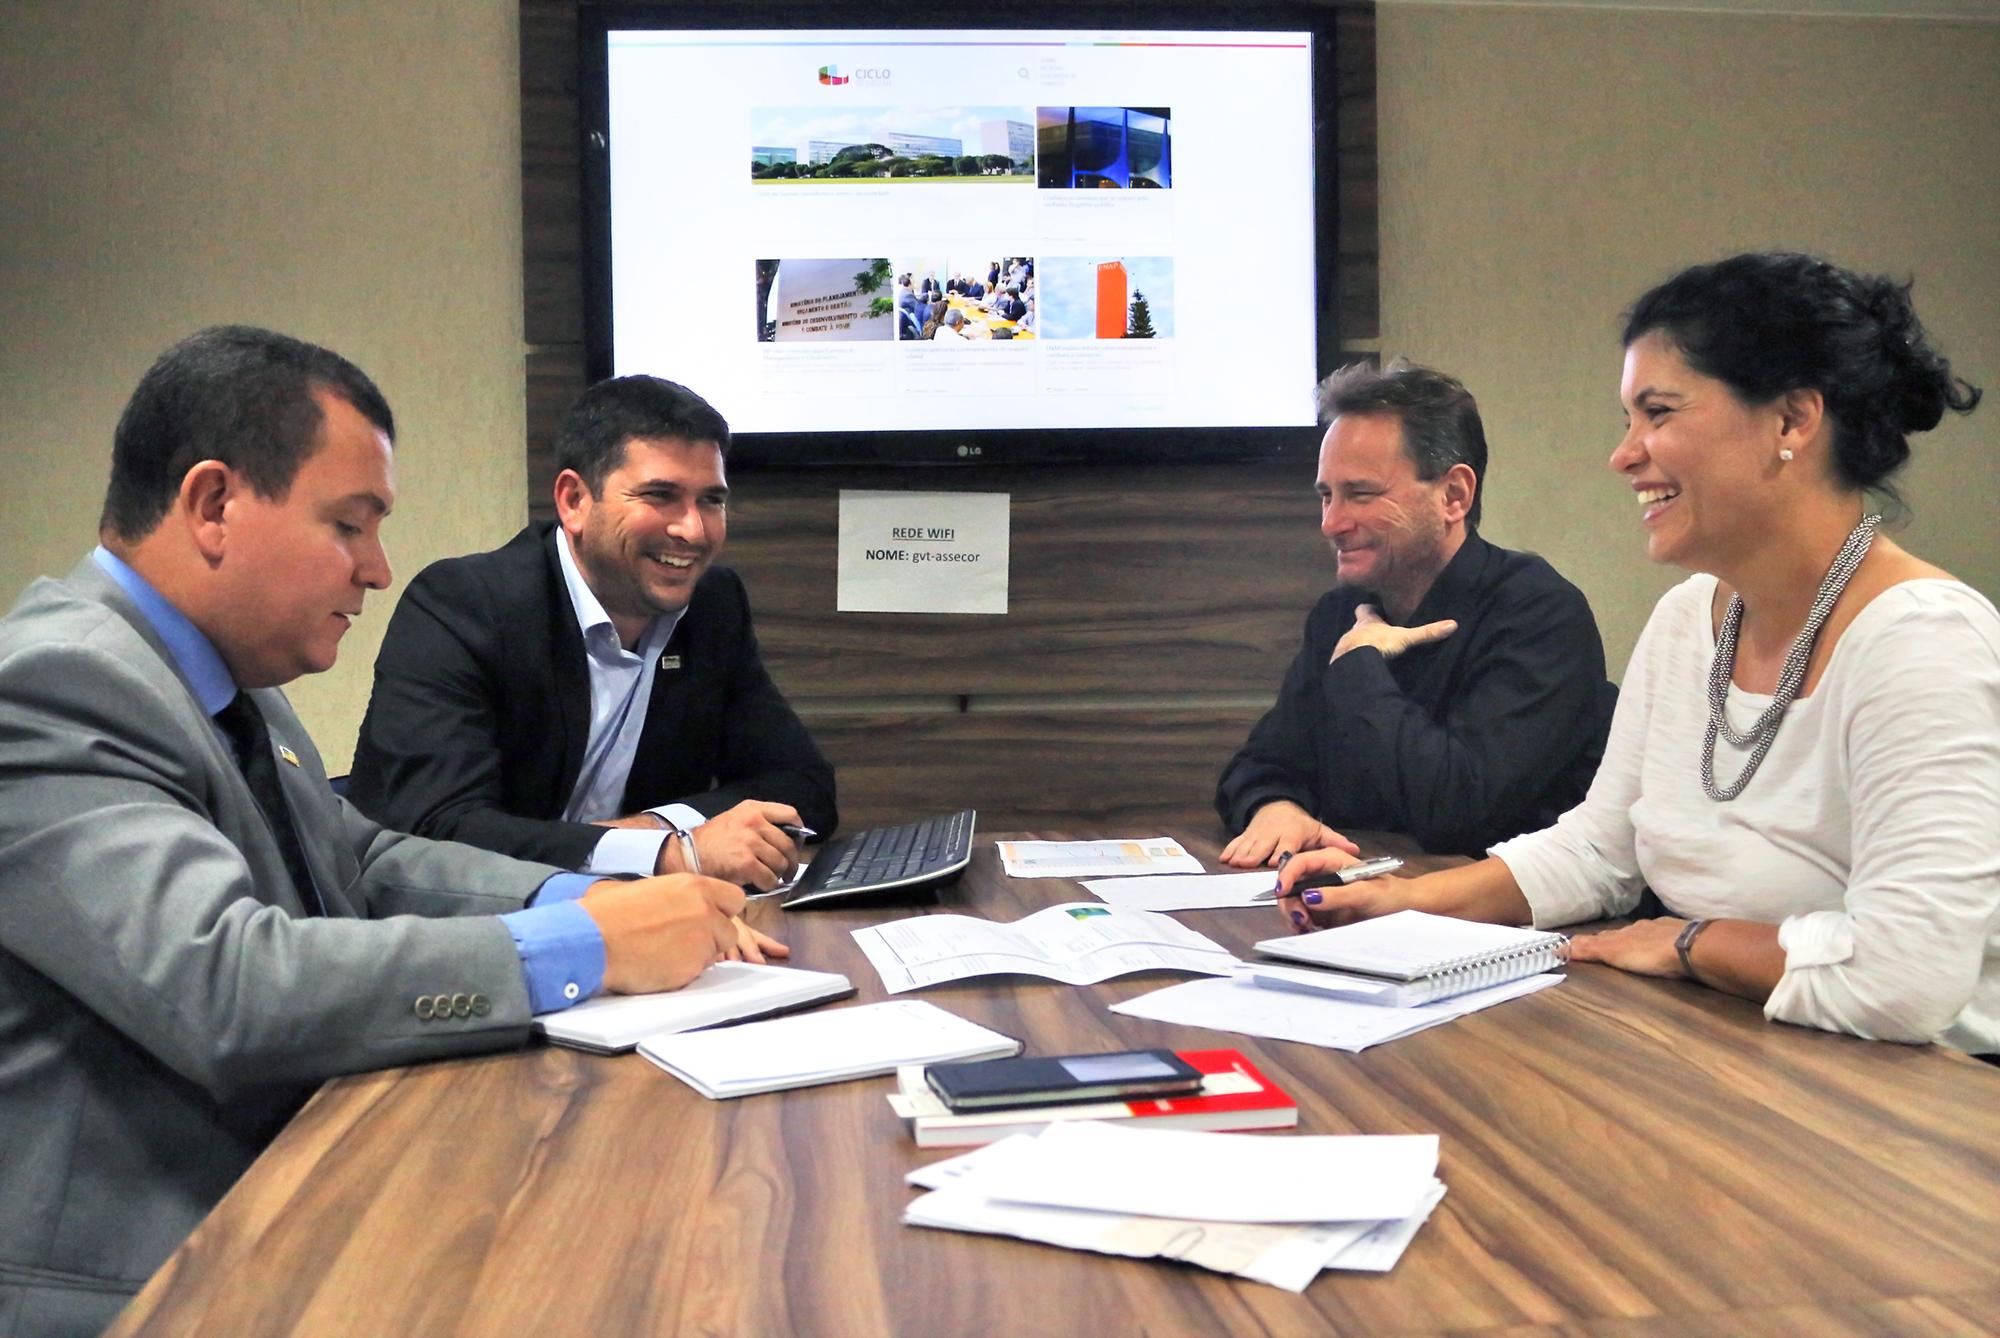 João Aurélio, Presidente da ANESP; Márcio Gimene, Presidente da ASSECOR; Fábio Schiavinatto, Presidente da AFIPEA; e Juliana Pires, Presidente da AACE. Foto: Filipe Calmon / ANESP